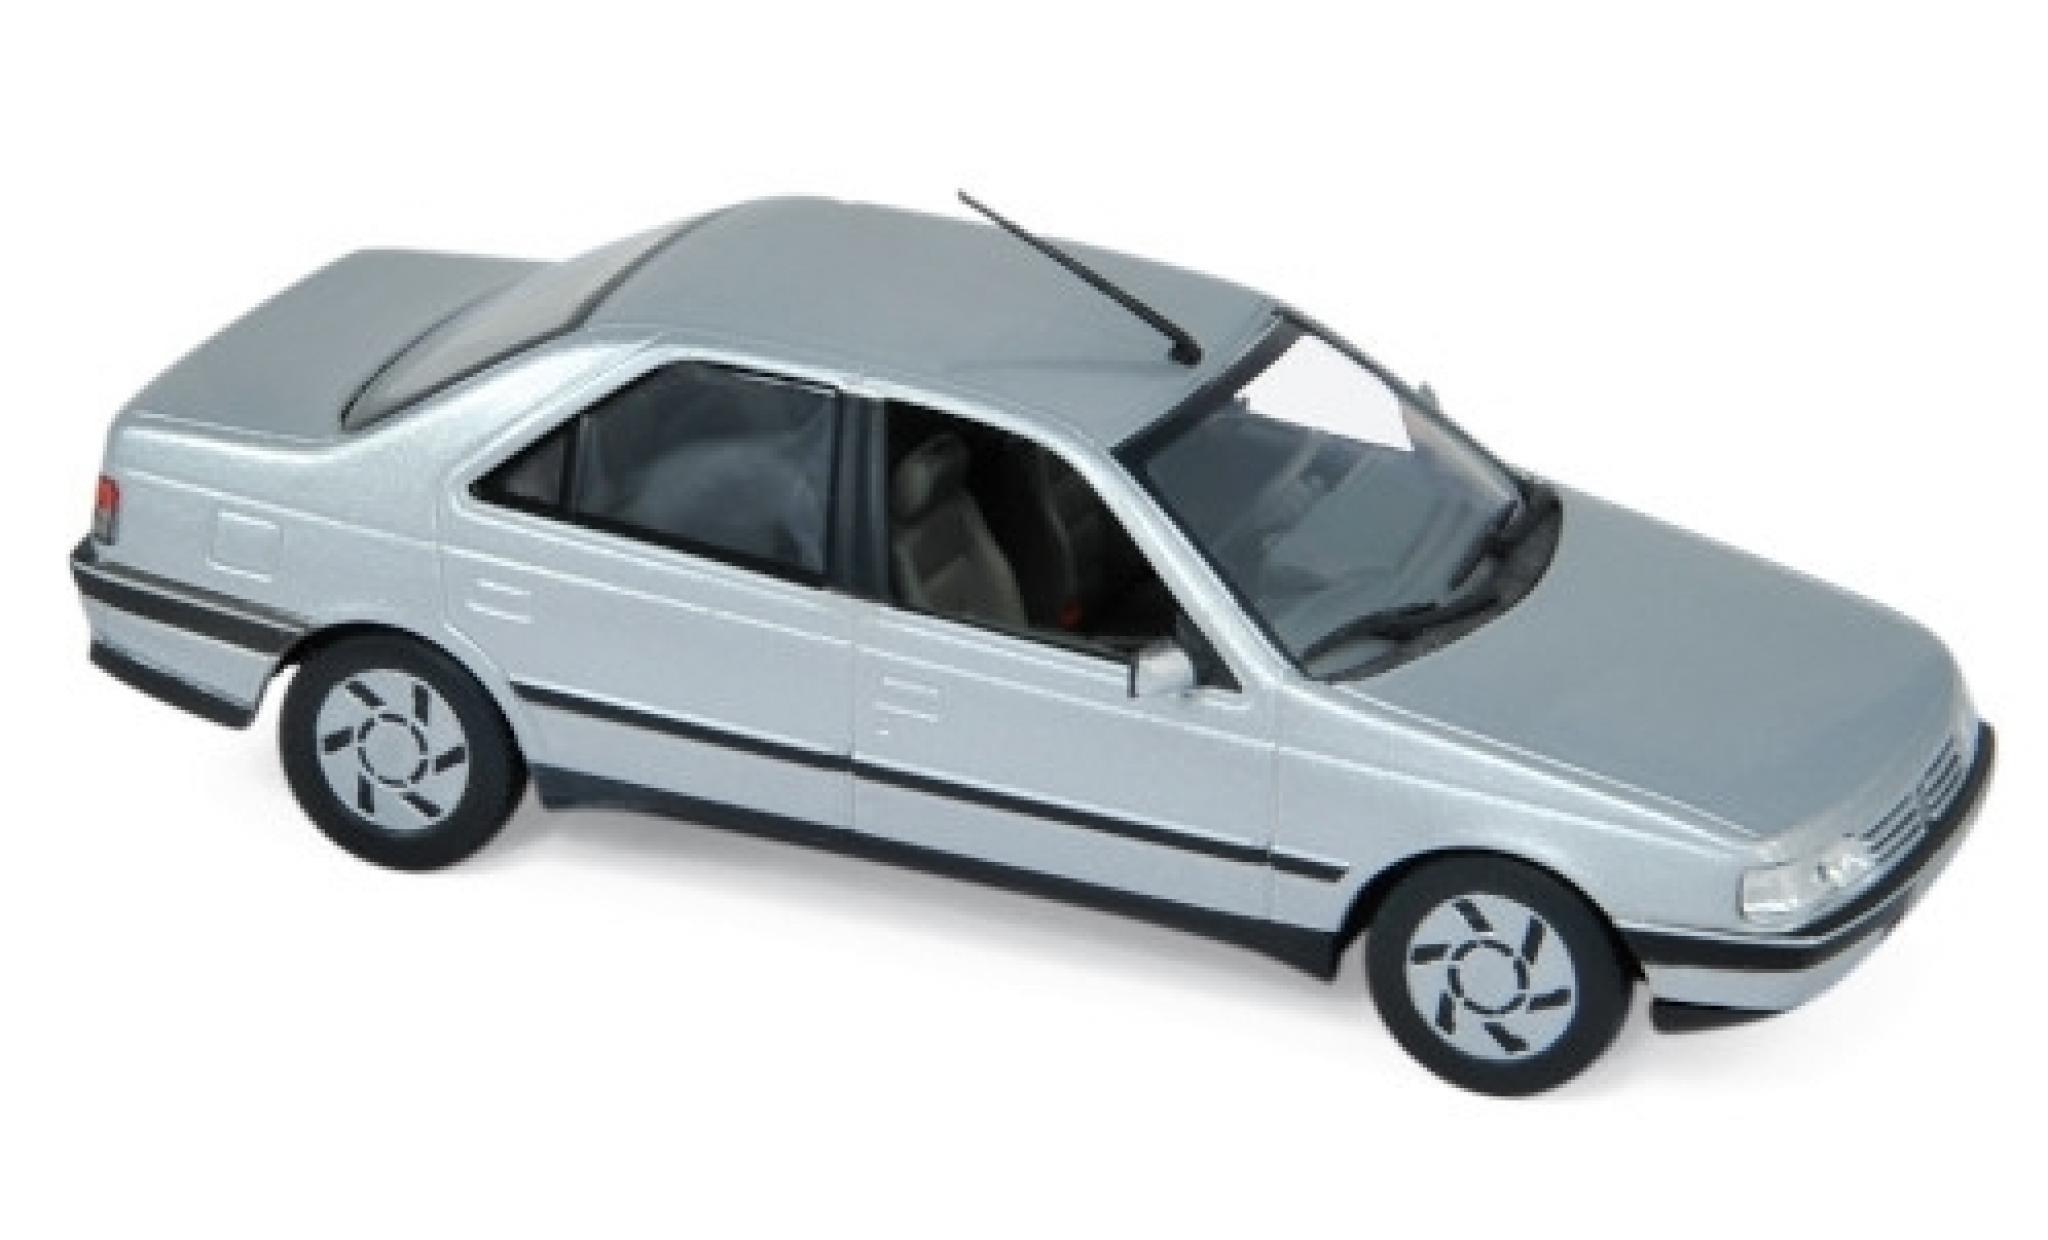 Peugeot 405 1/43 Norev SRi grise 1991